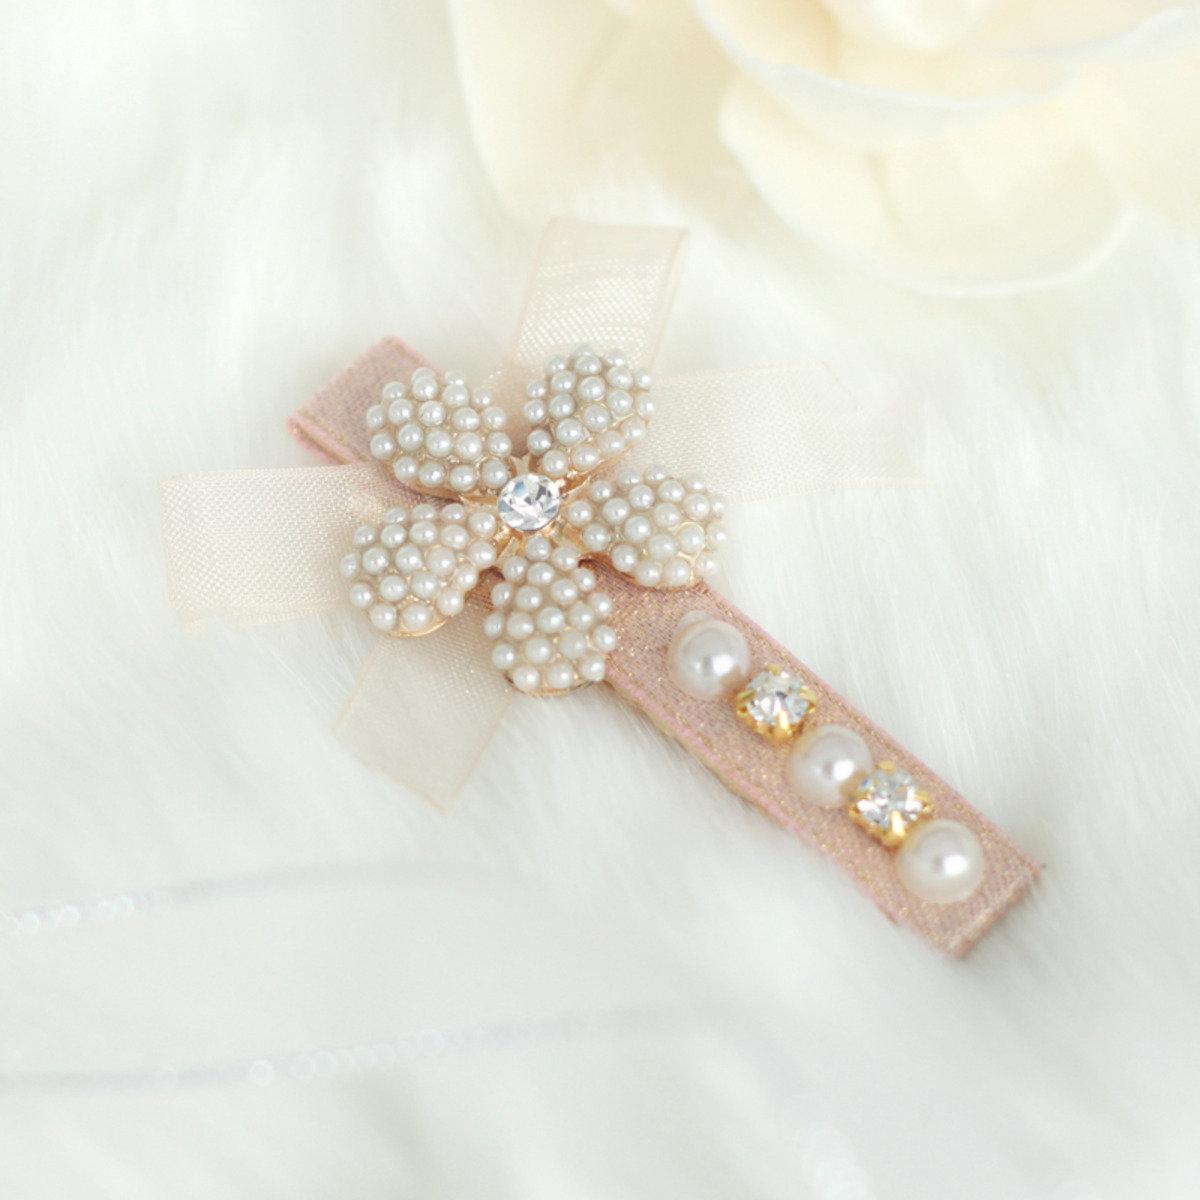 甜美珍珠蝴蝶髮夾